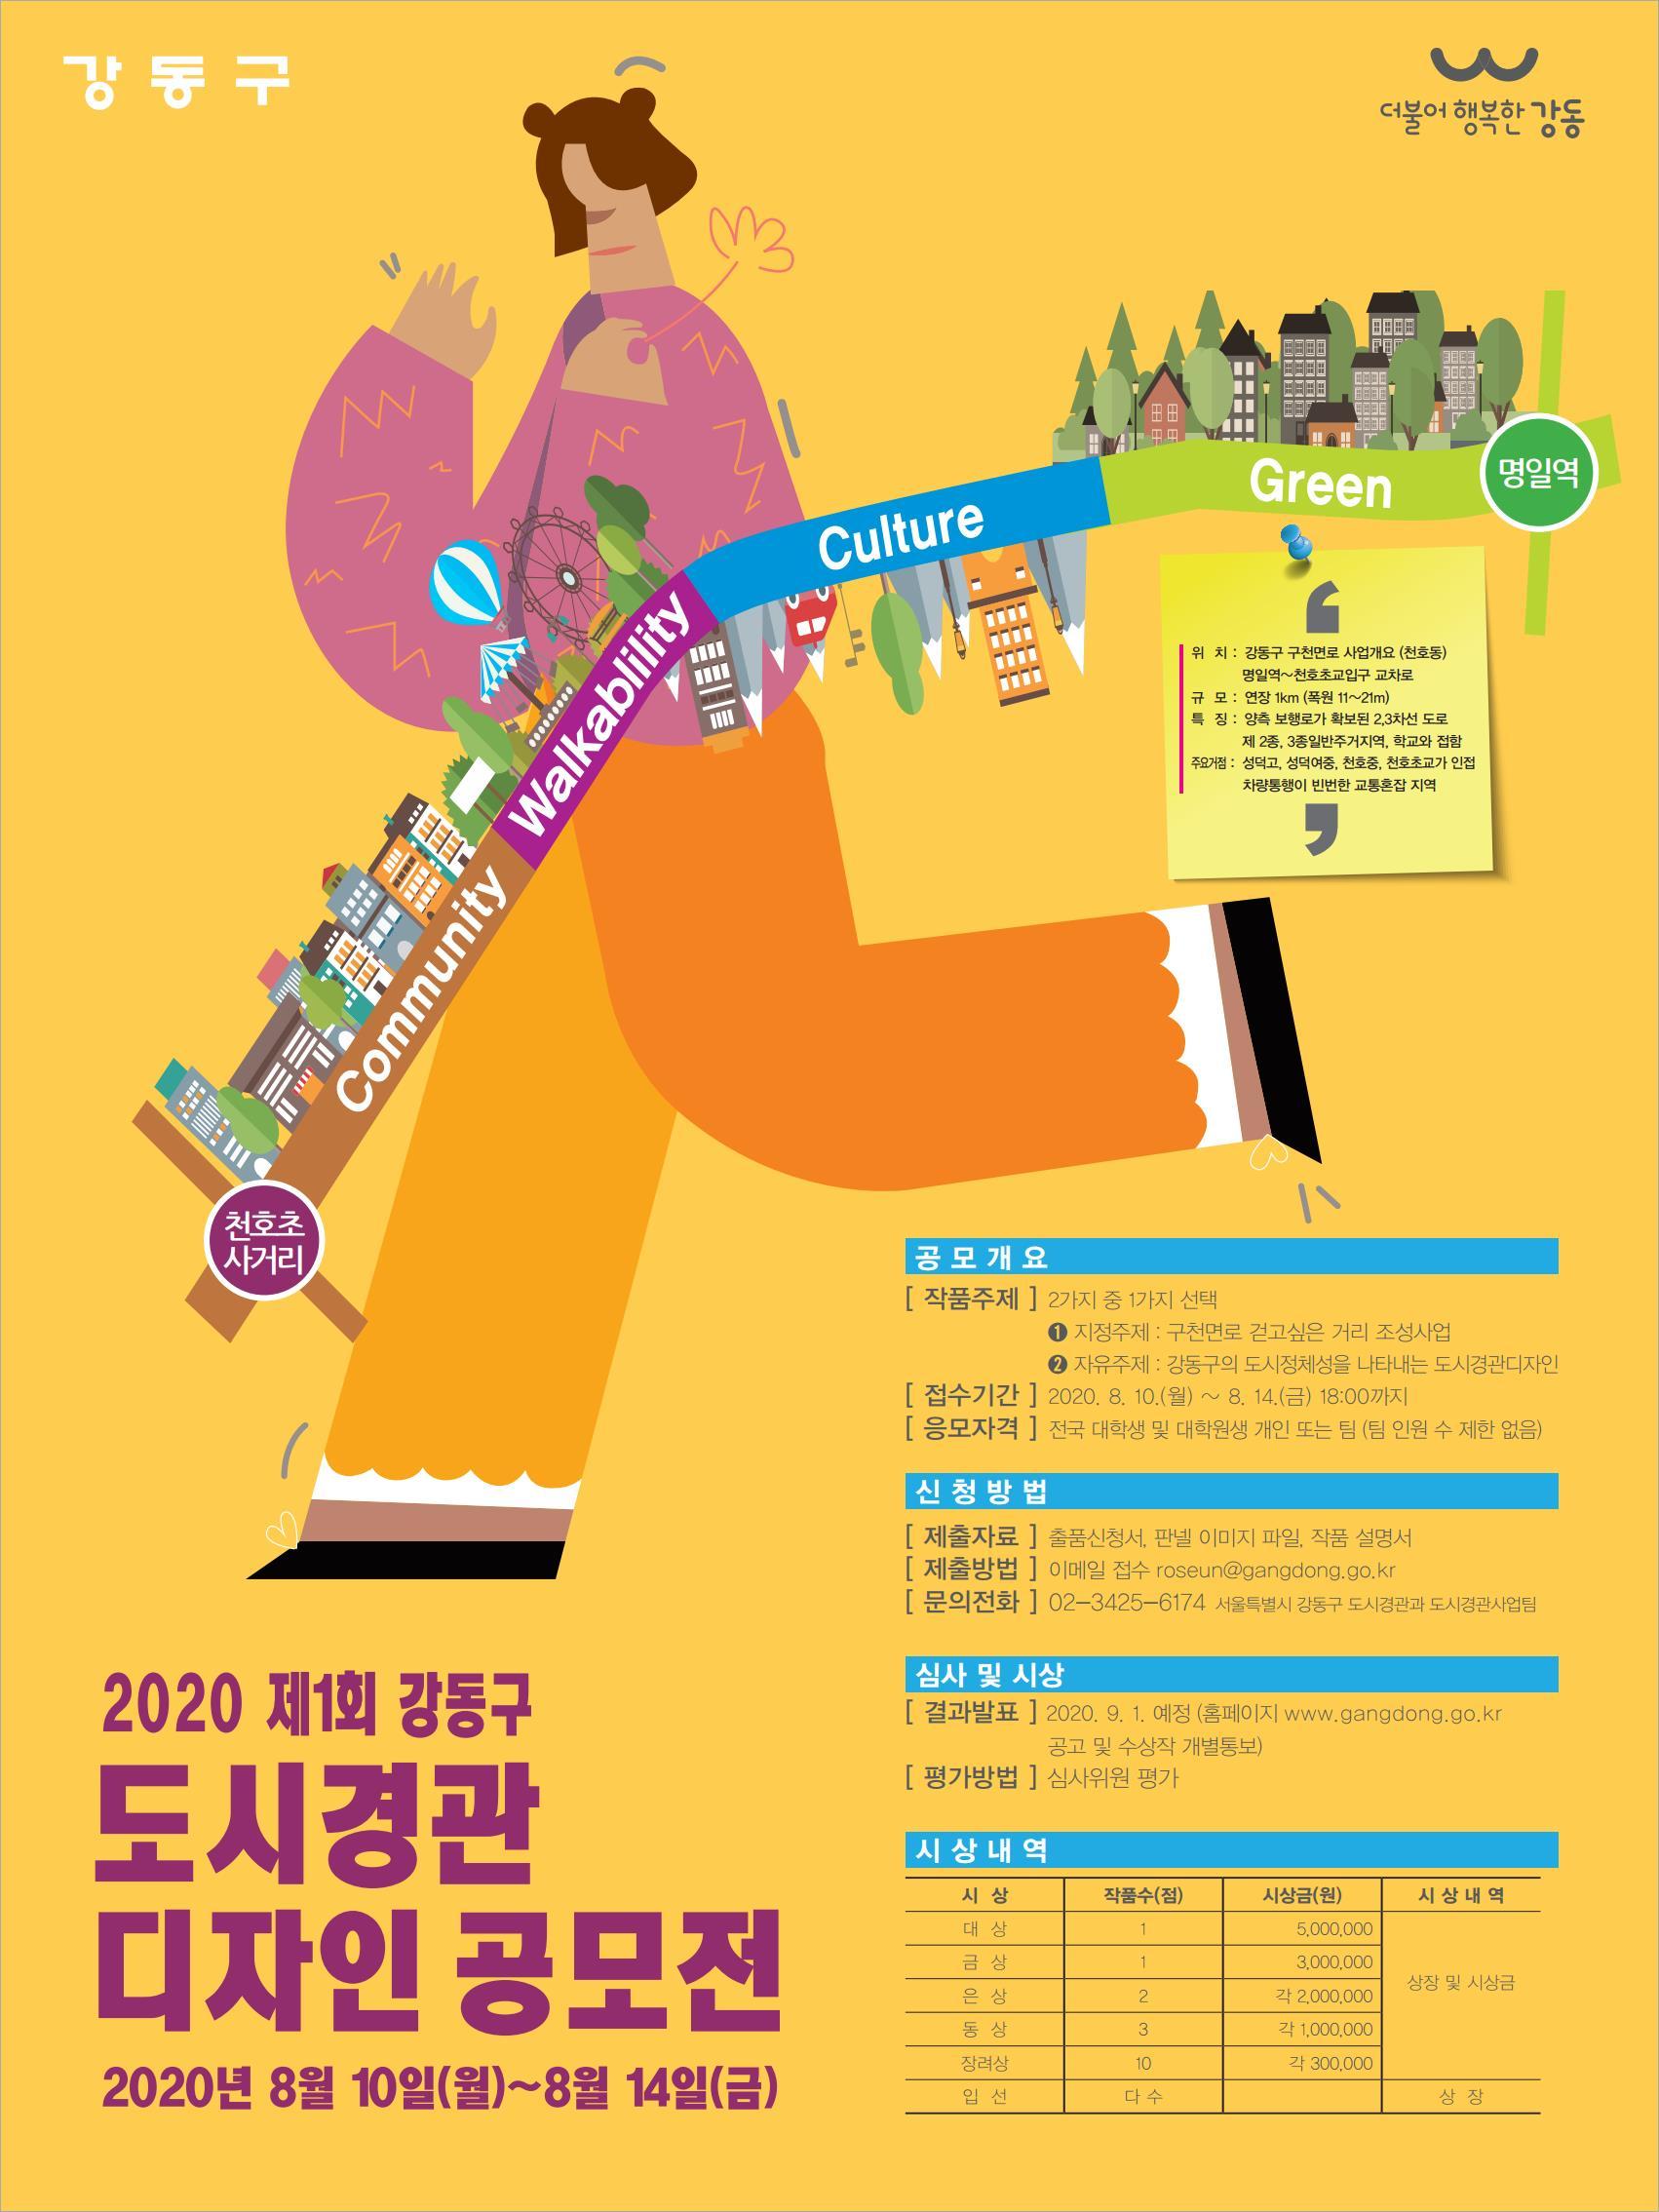 서울특별시 「제1회 강동구 도시경관디자인 작품공모전」